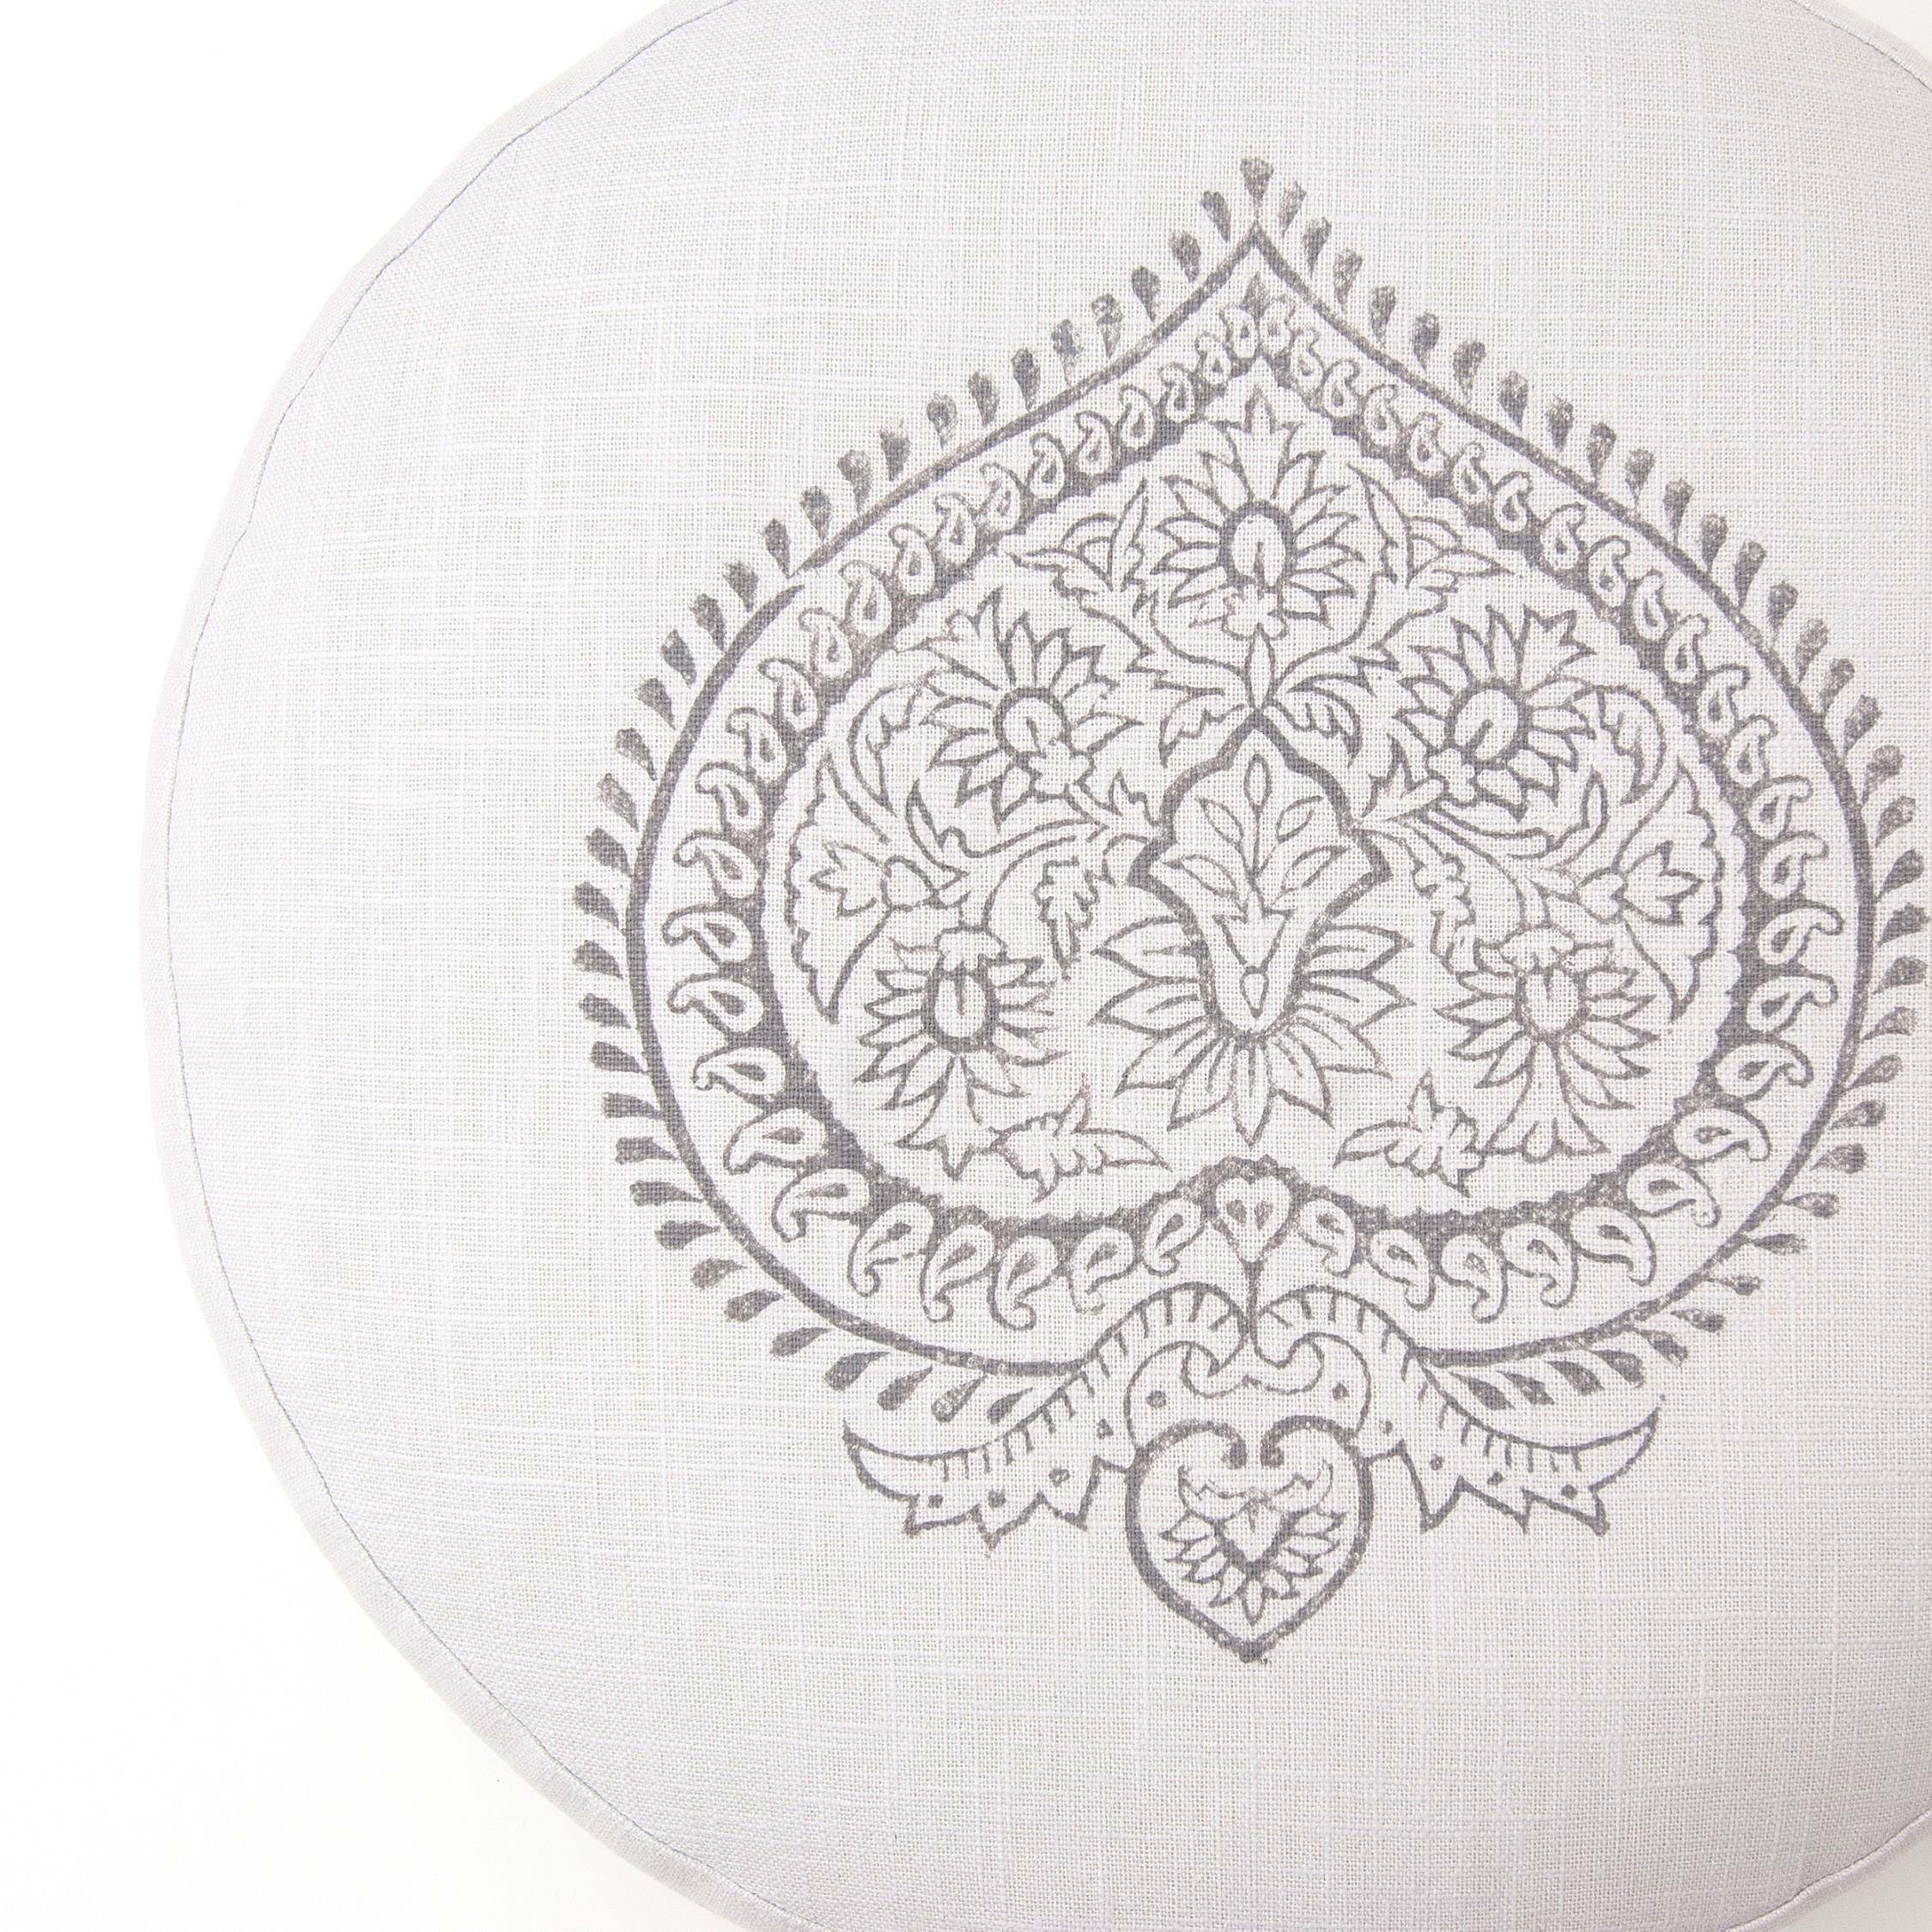 De uniek gemaakte meditatie kussens van Pure Prana Label worden in Nederland gemaakt, van 100% linnen